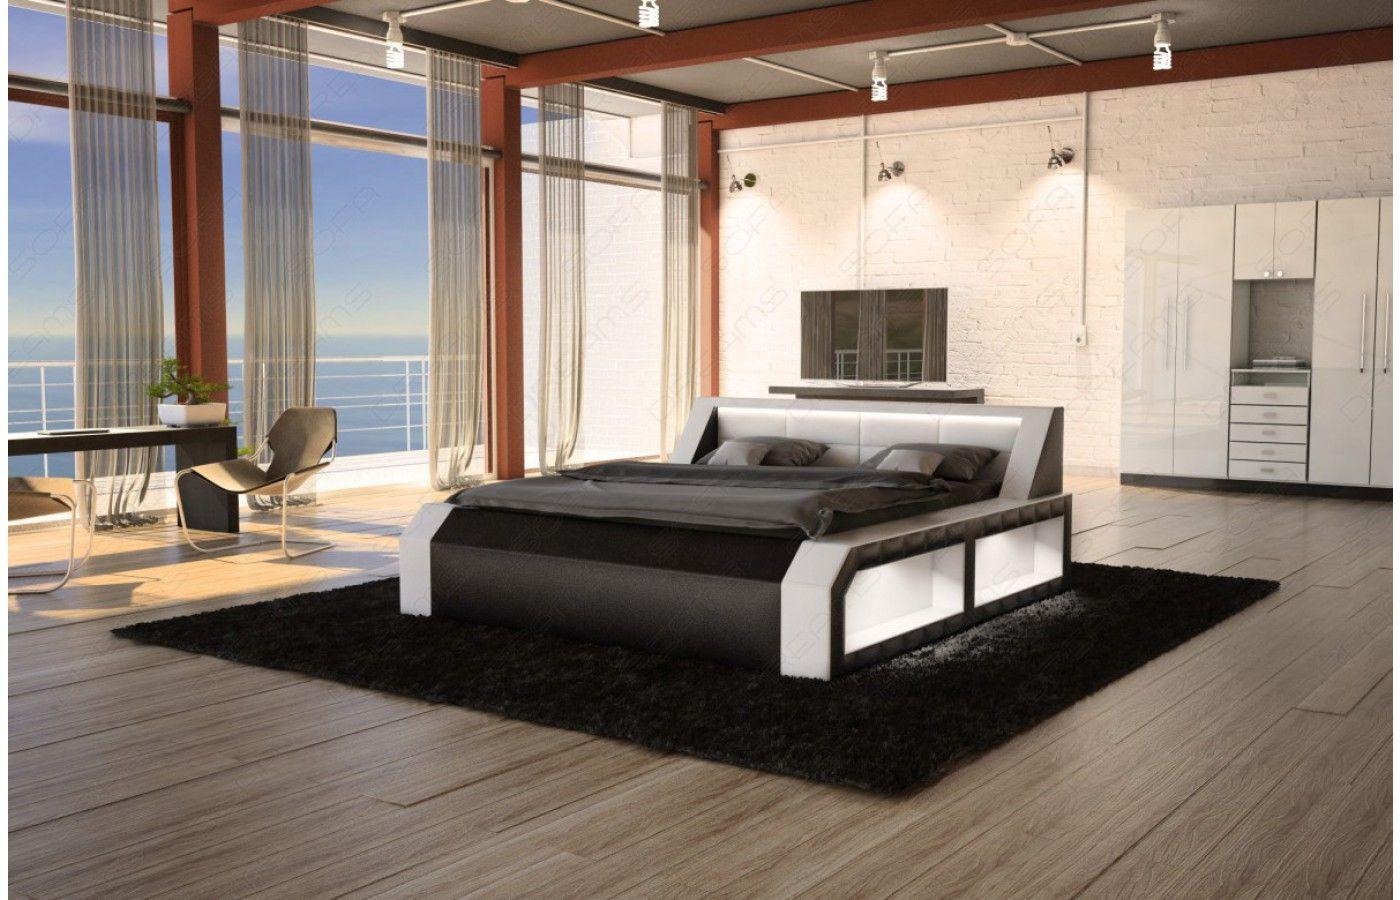 Suchen Sie Nicht Länger Nach Einem Perfekten Doppelbett. Das Moderne  Designerbett Matera Können Sie Jtzt Direkt Im Onlineshop Bestellen. Kurze  Lieferzeit.